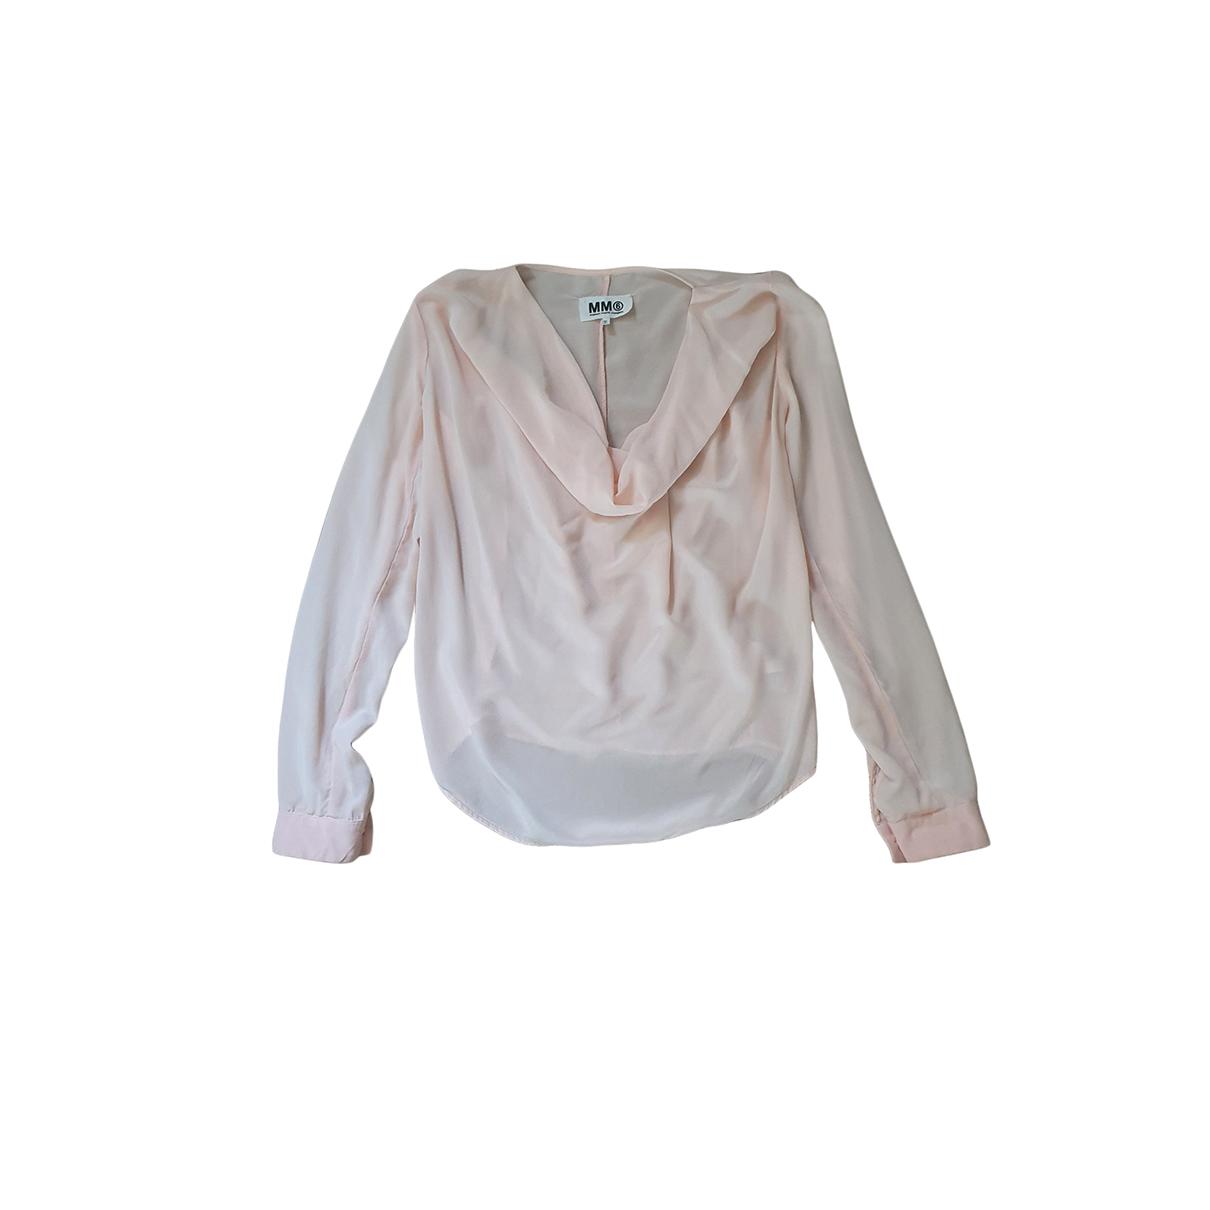 Maison Martin Margiela - Top   pour femme en soie - rose